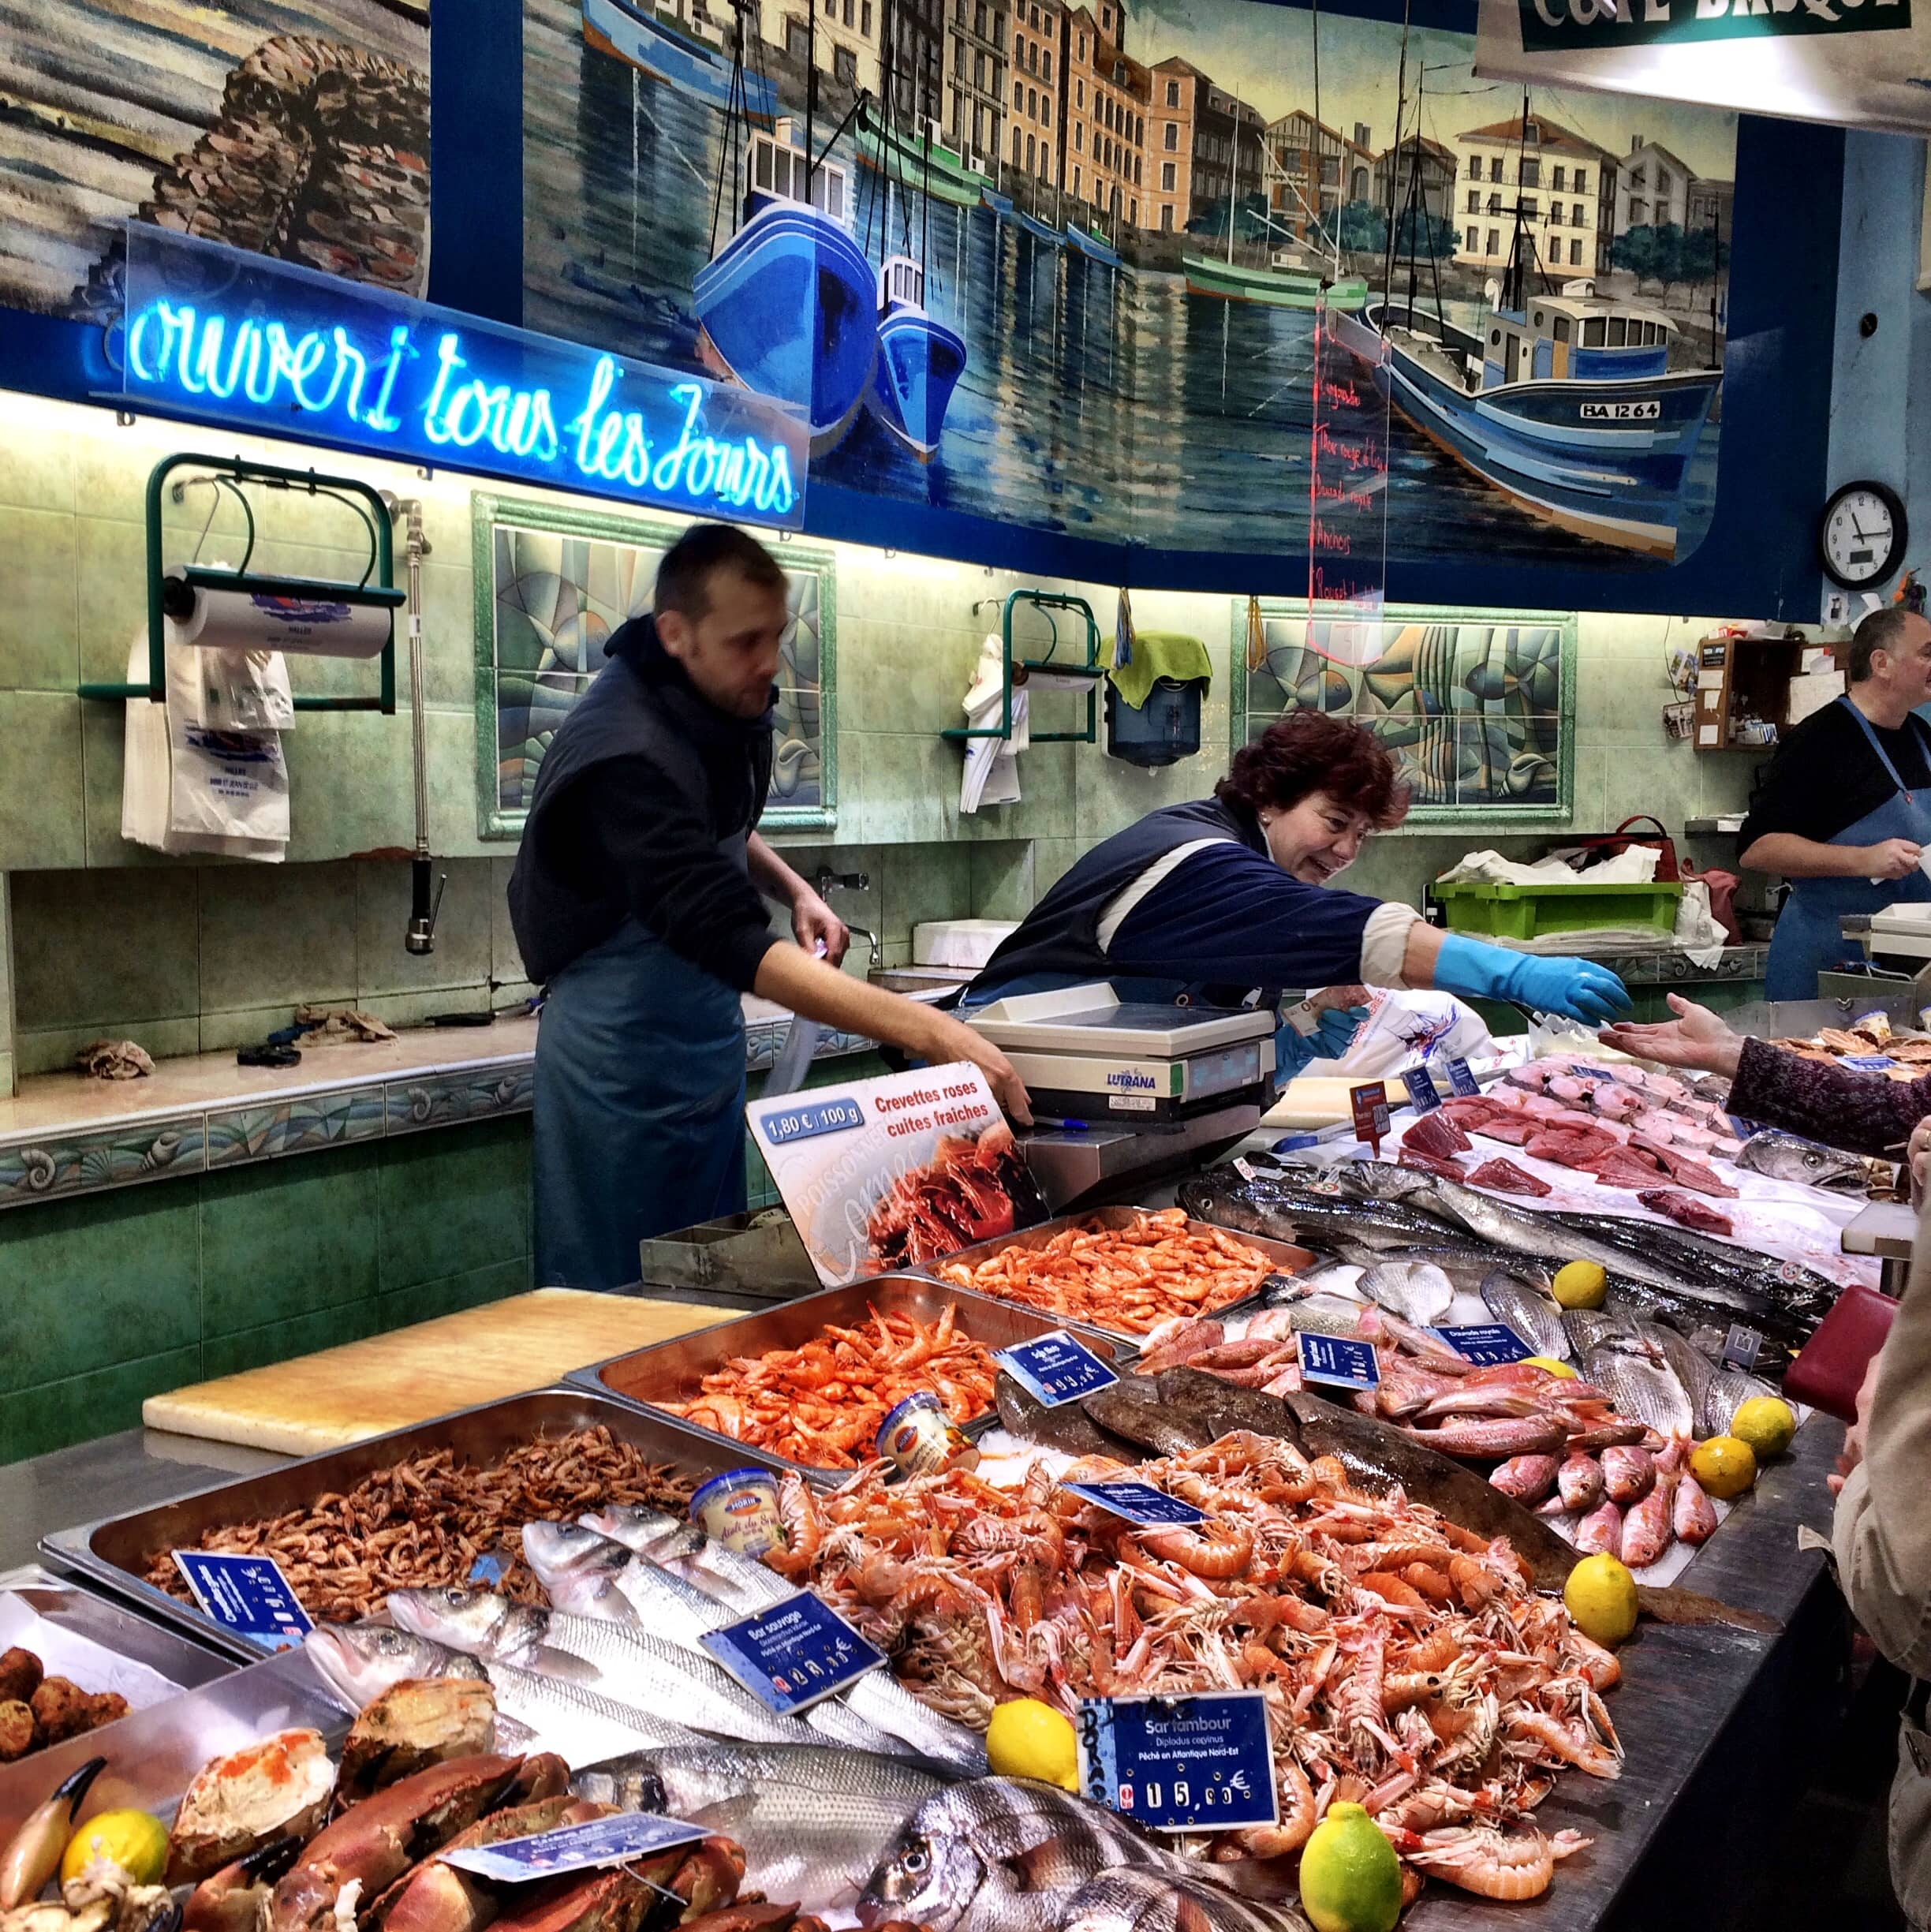 Fish Market in St. Jean-de-Luz ©Deborah L. Jacobs